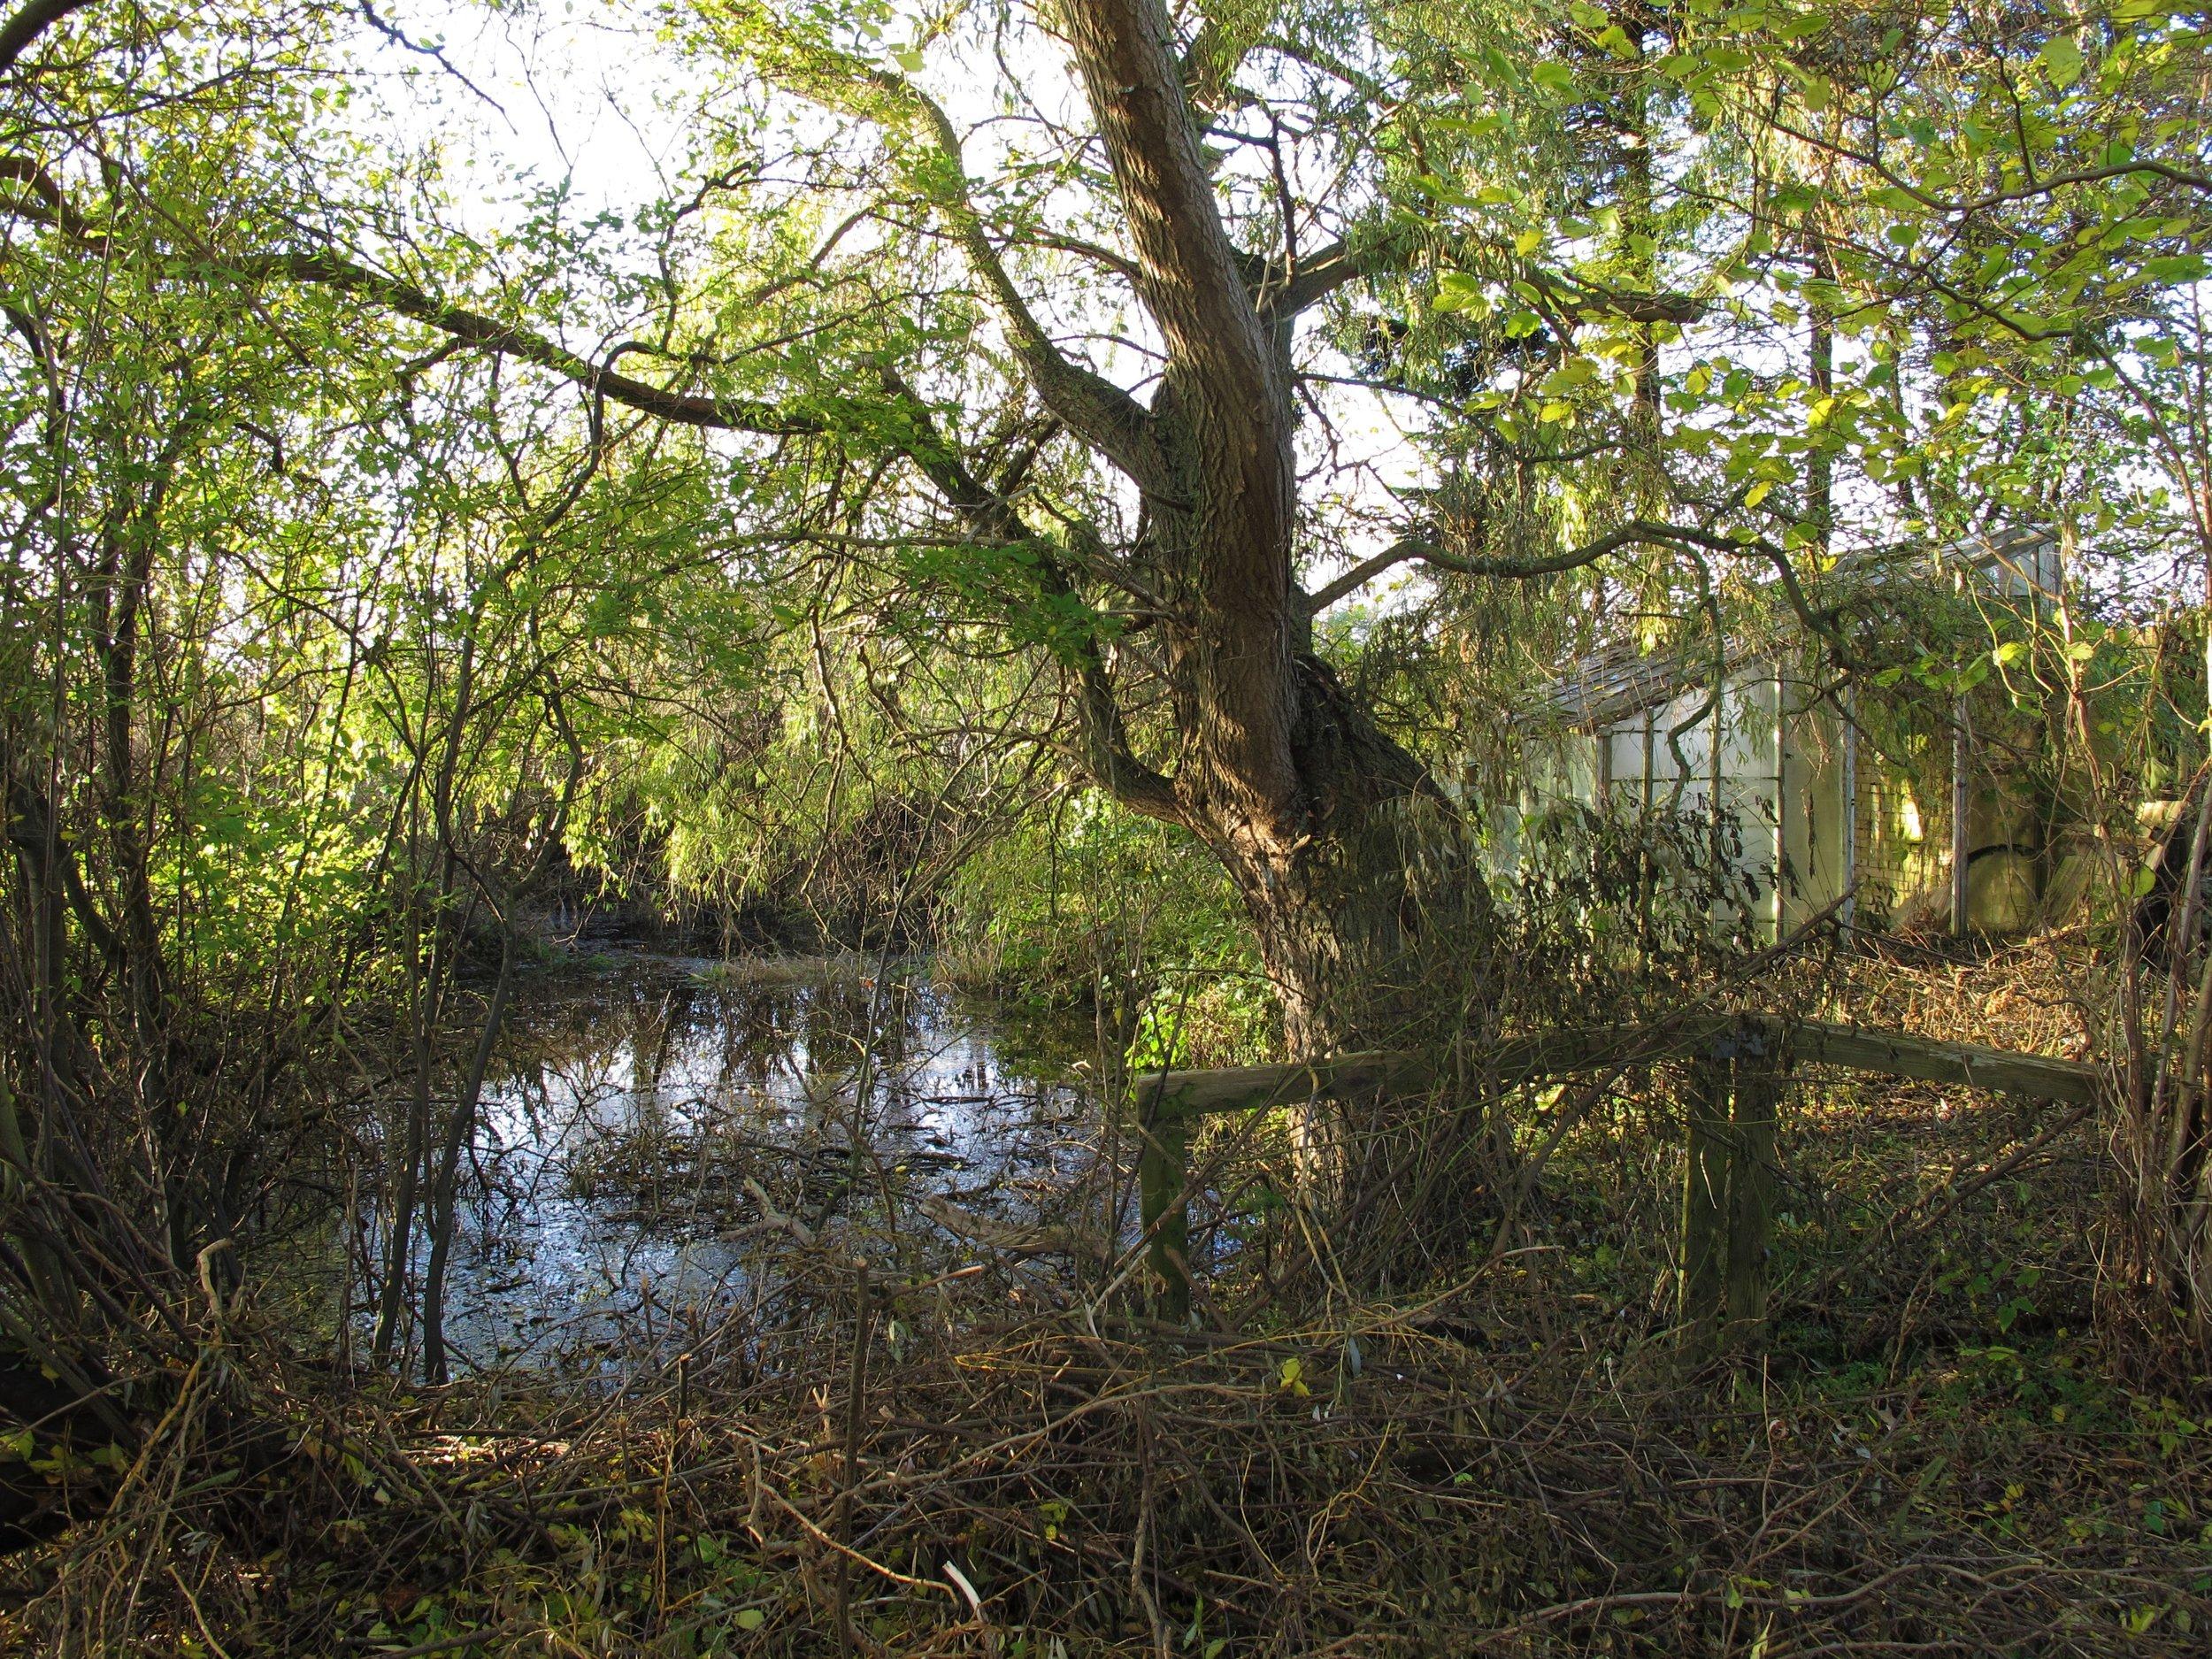 Søen, hængepilen og det forfaldne drivhus